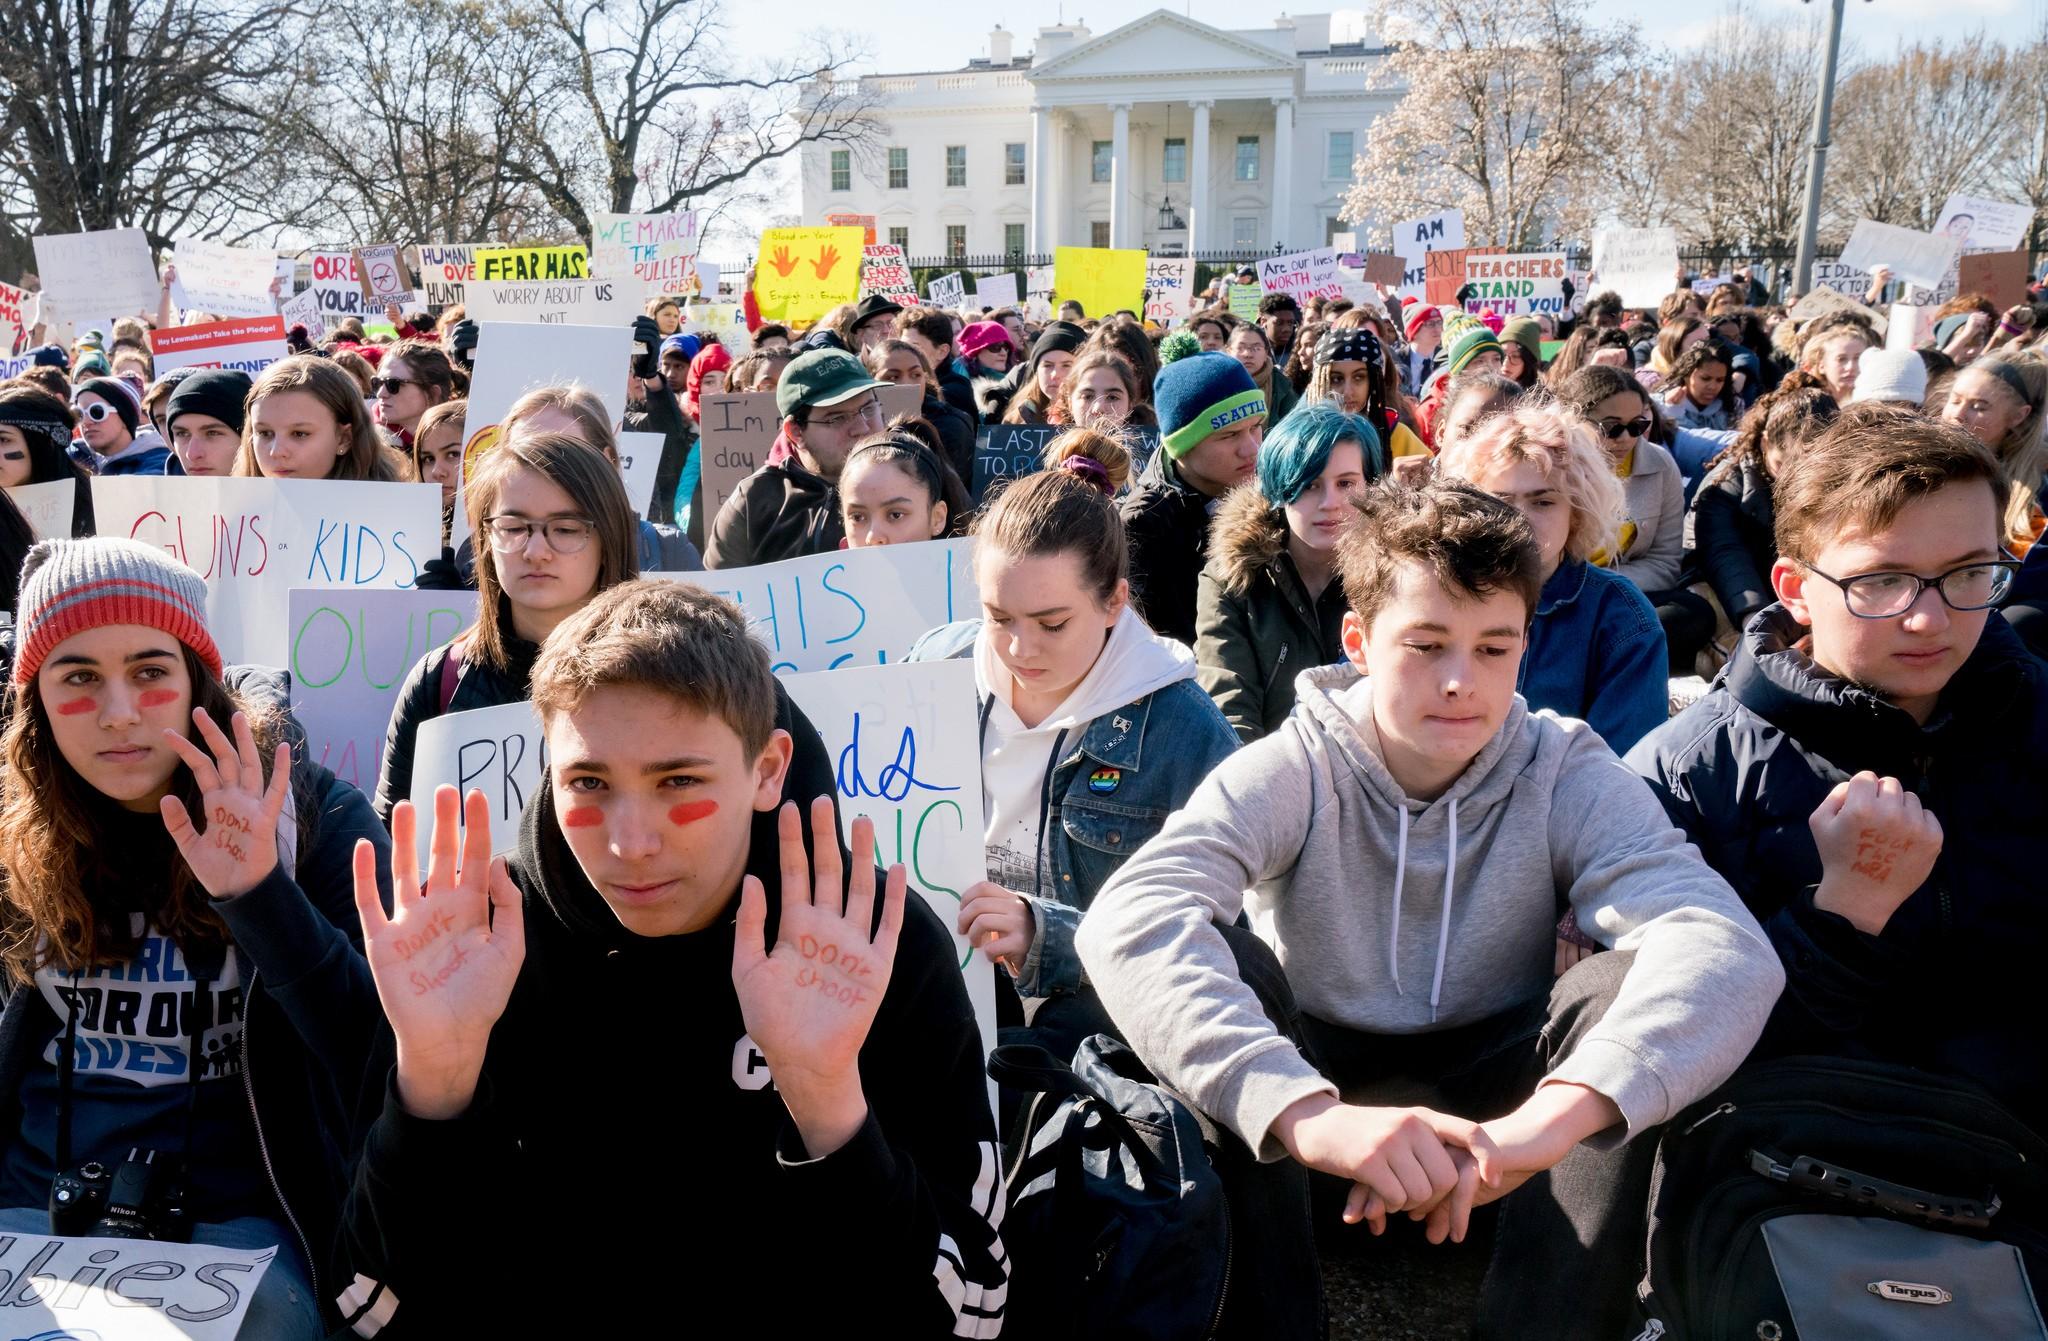 Estudantes protestam em frente à Casa Branca após tiroteio em Parkland, nos Estados Unidos (Foto: Flickr/Victoria Pickering)